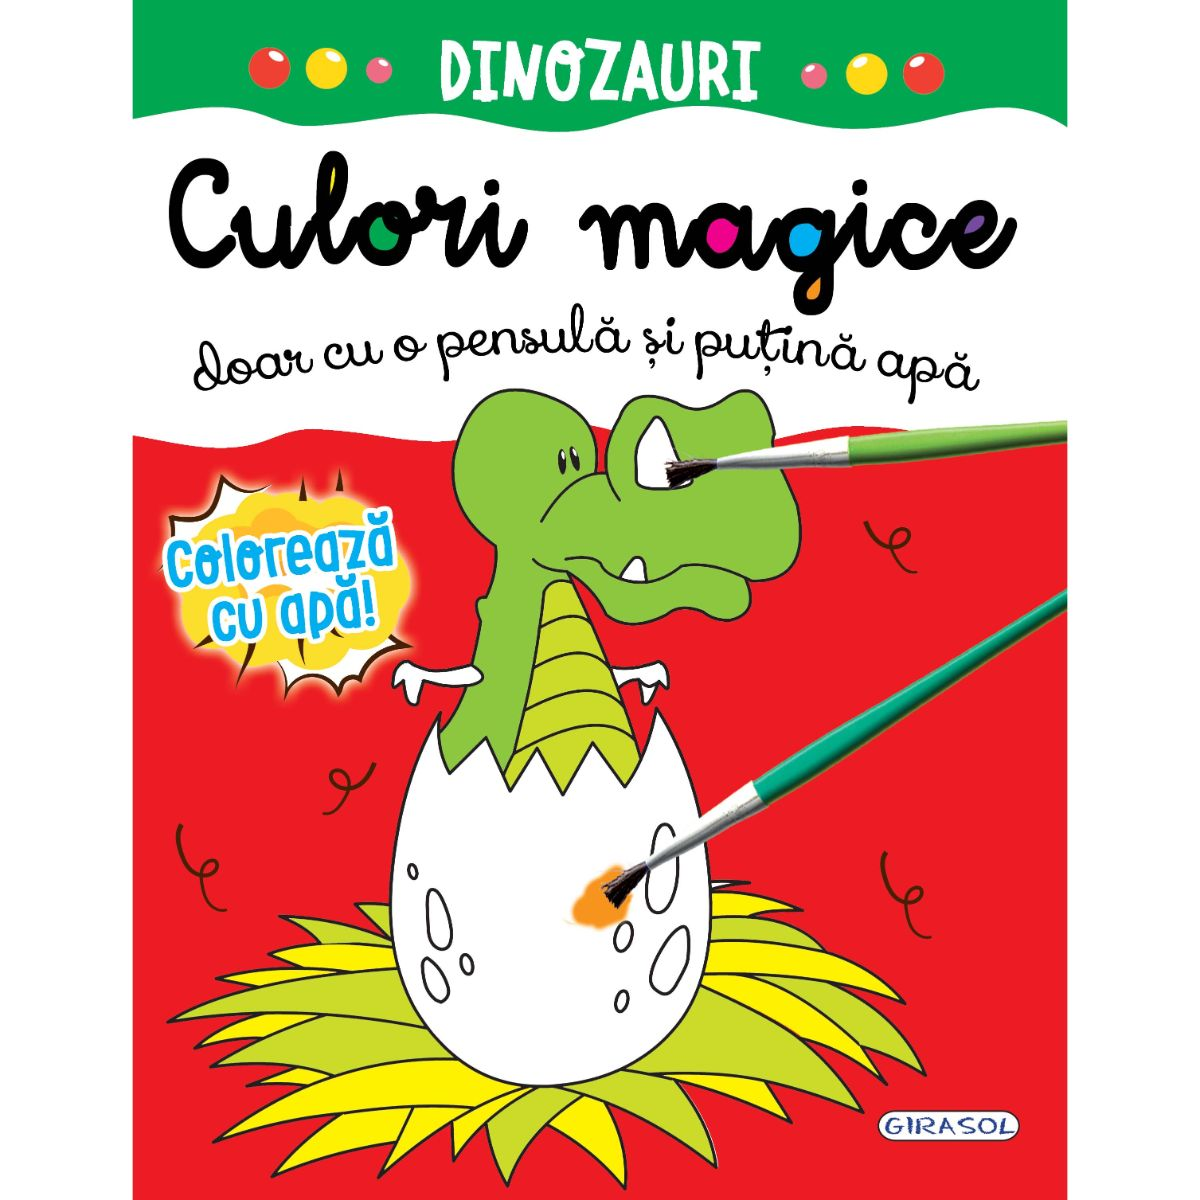 Culori magice - Dinozauri